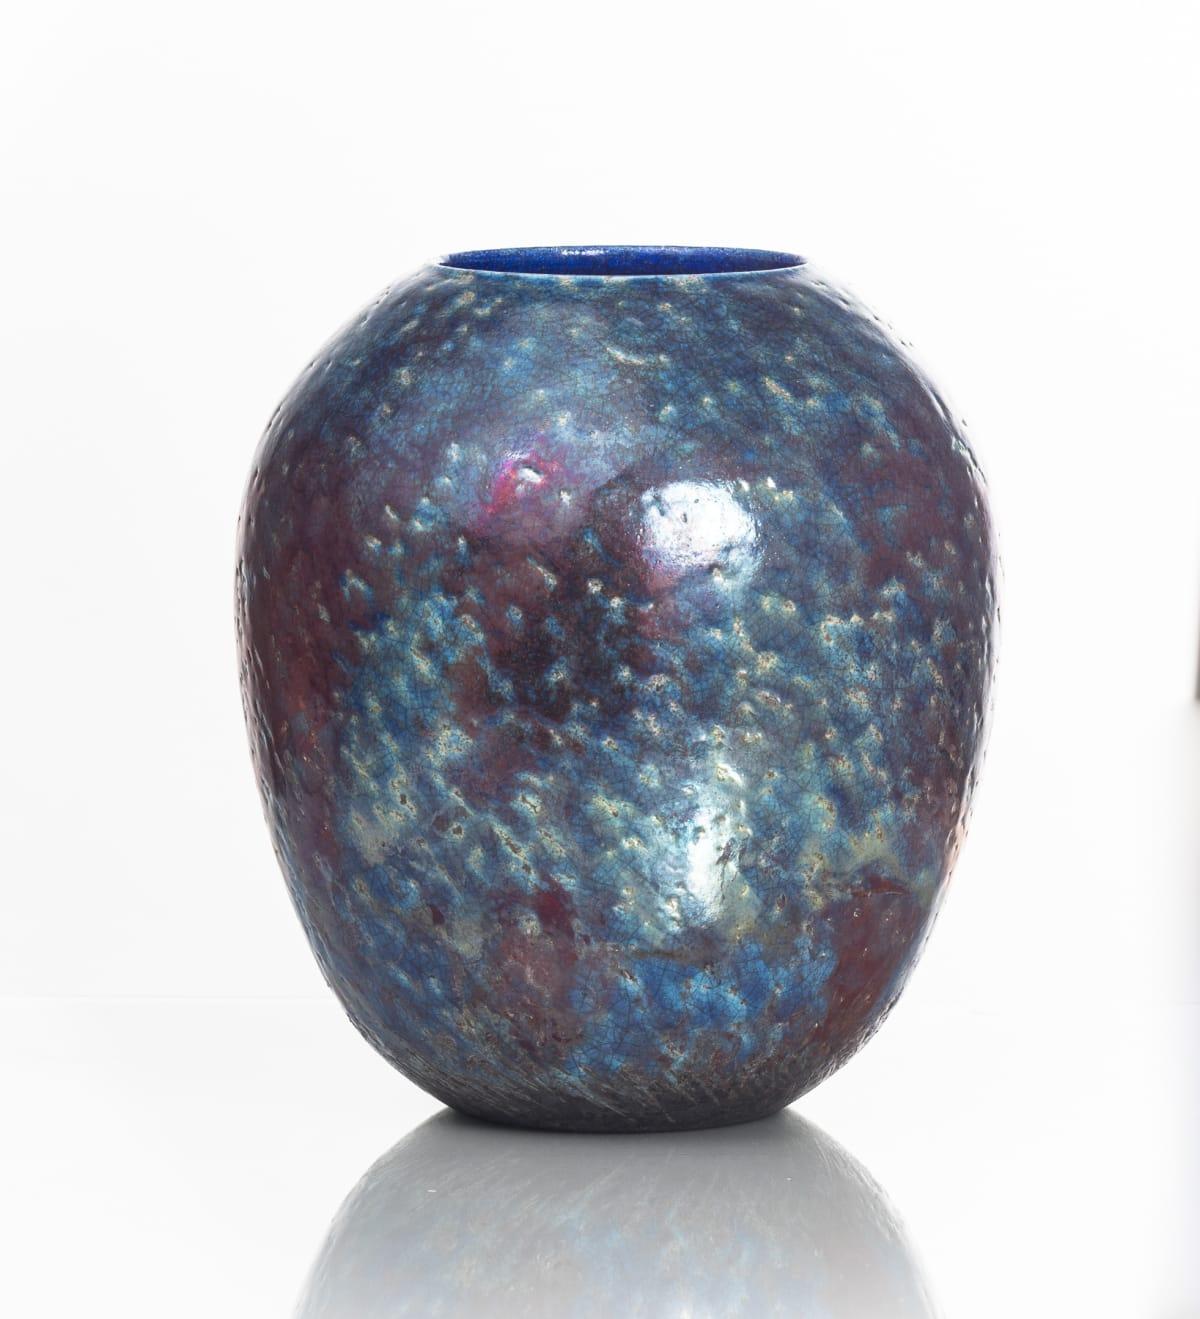 Neill Curran Dark Blue & Copper Vessel, 2019 Raku Ceramics 24 x 22 x 22 cm 9 1/2 x 8 5/8 x 8 5/8 in